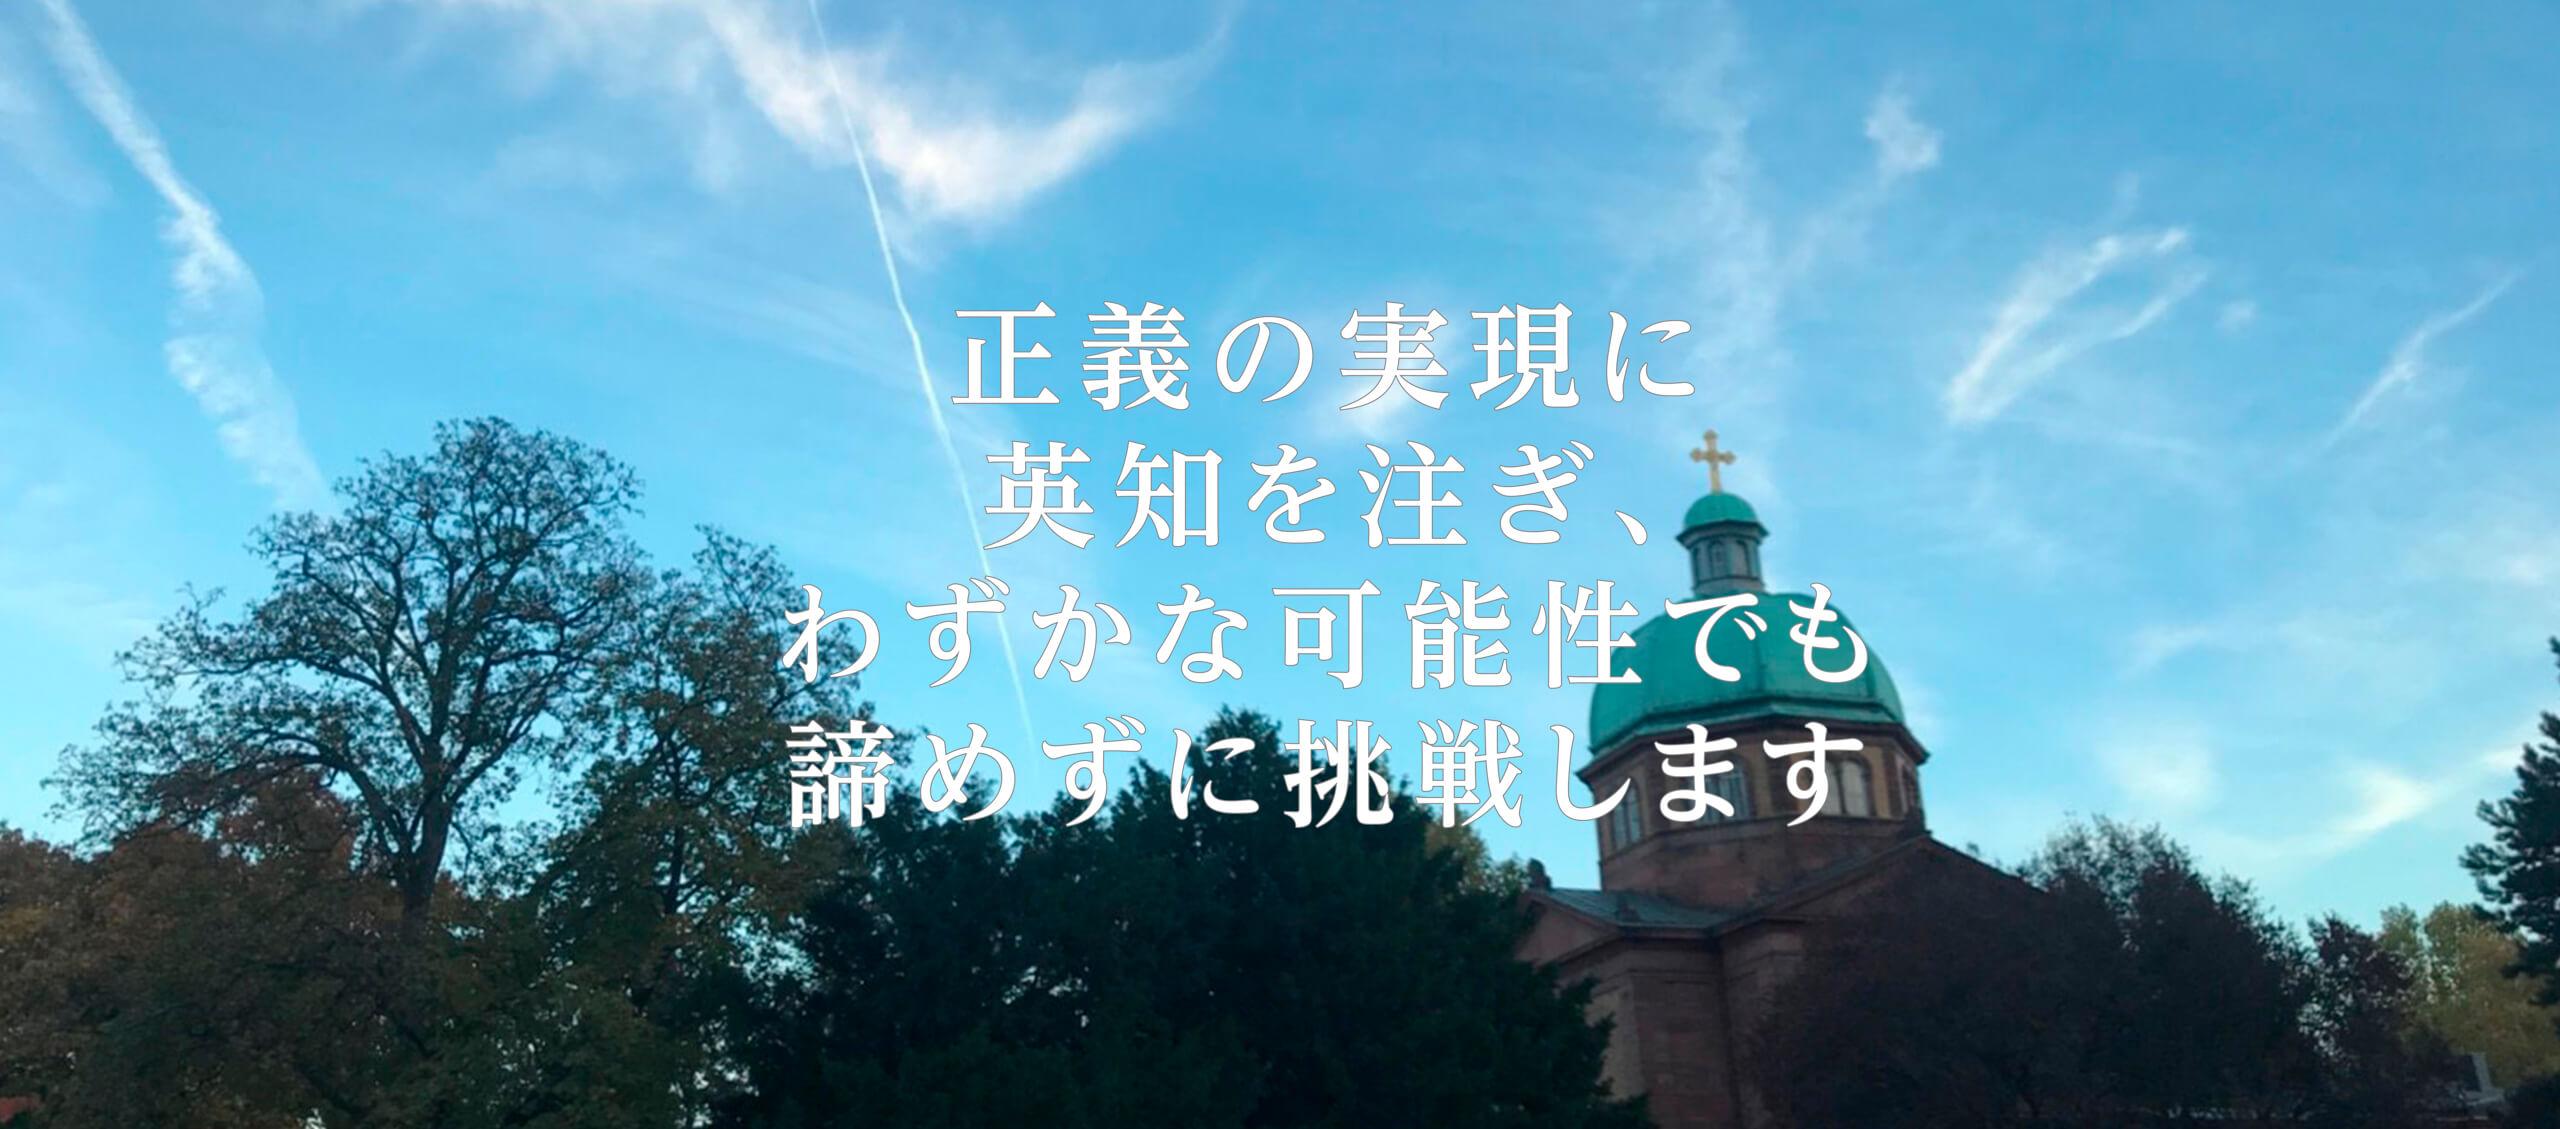 西田労務経営事務所 正義の実現に英知を注ぎ、わずかな可能性でも諦めずに挑戦します。